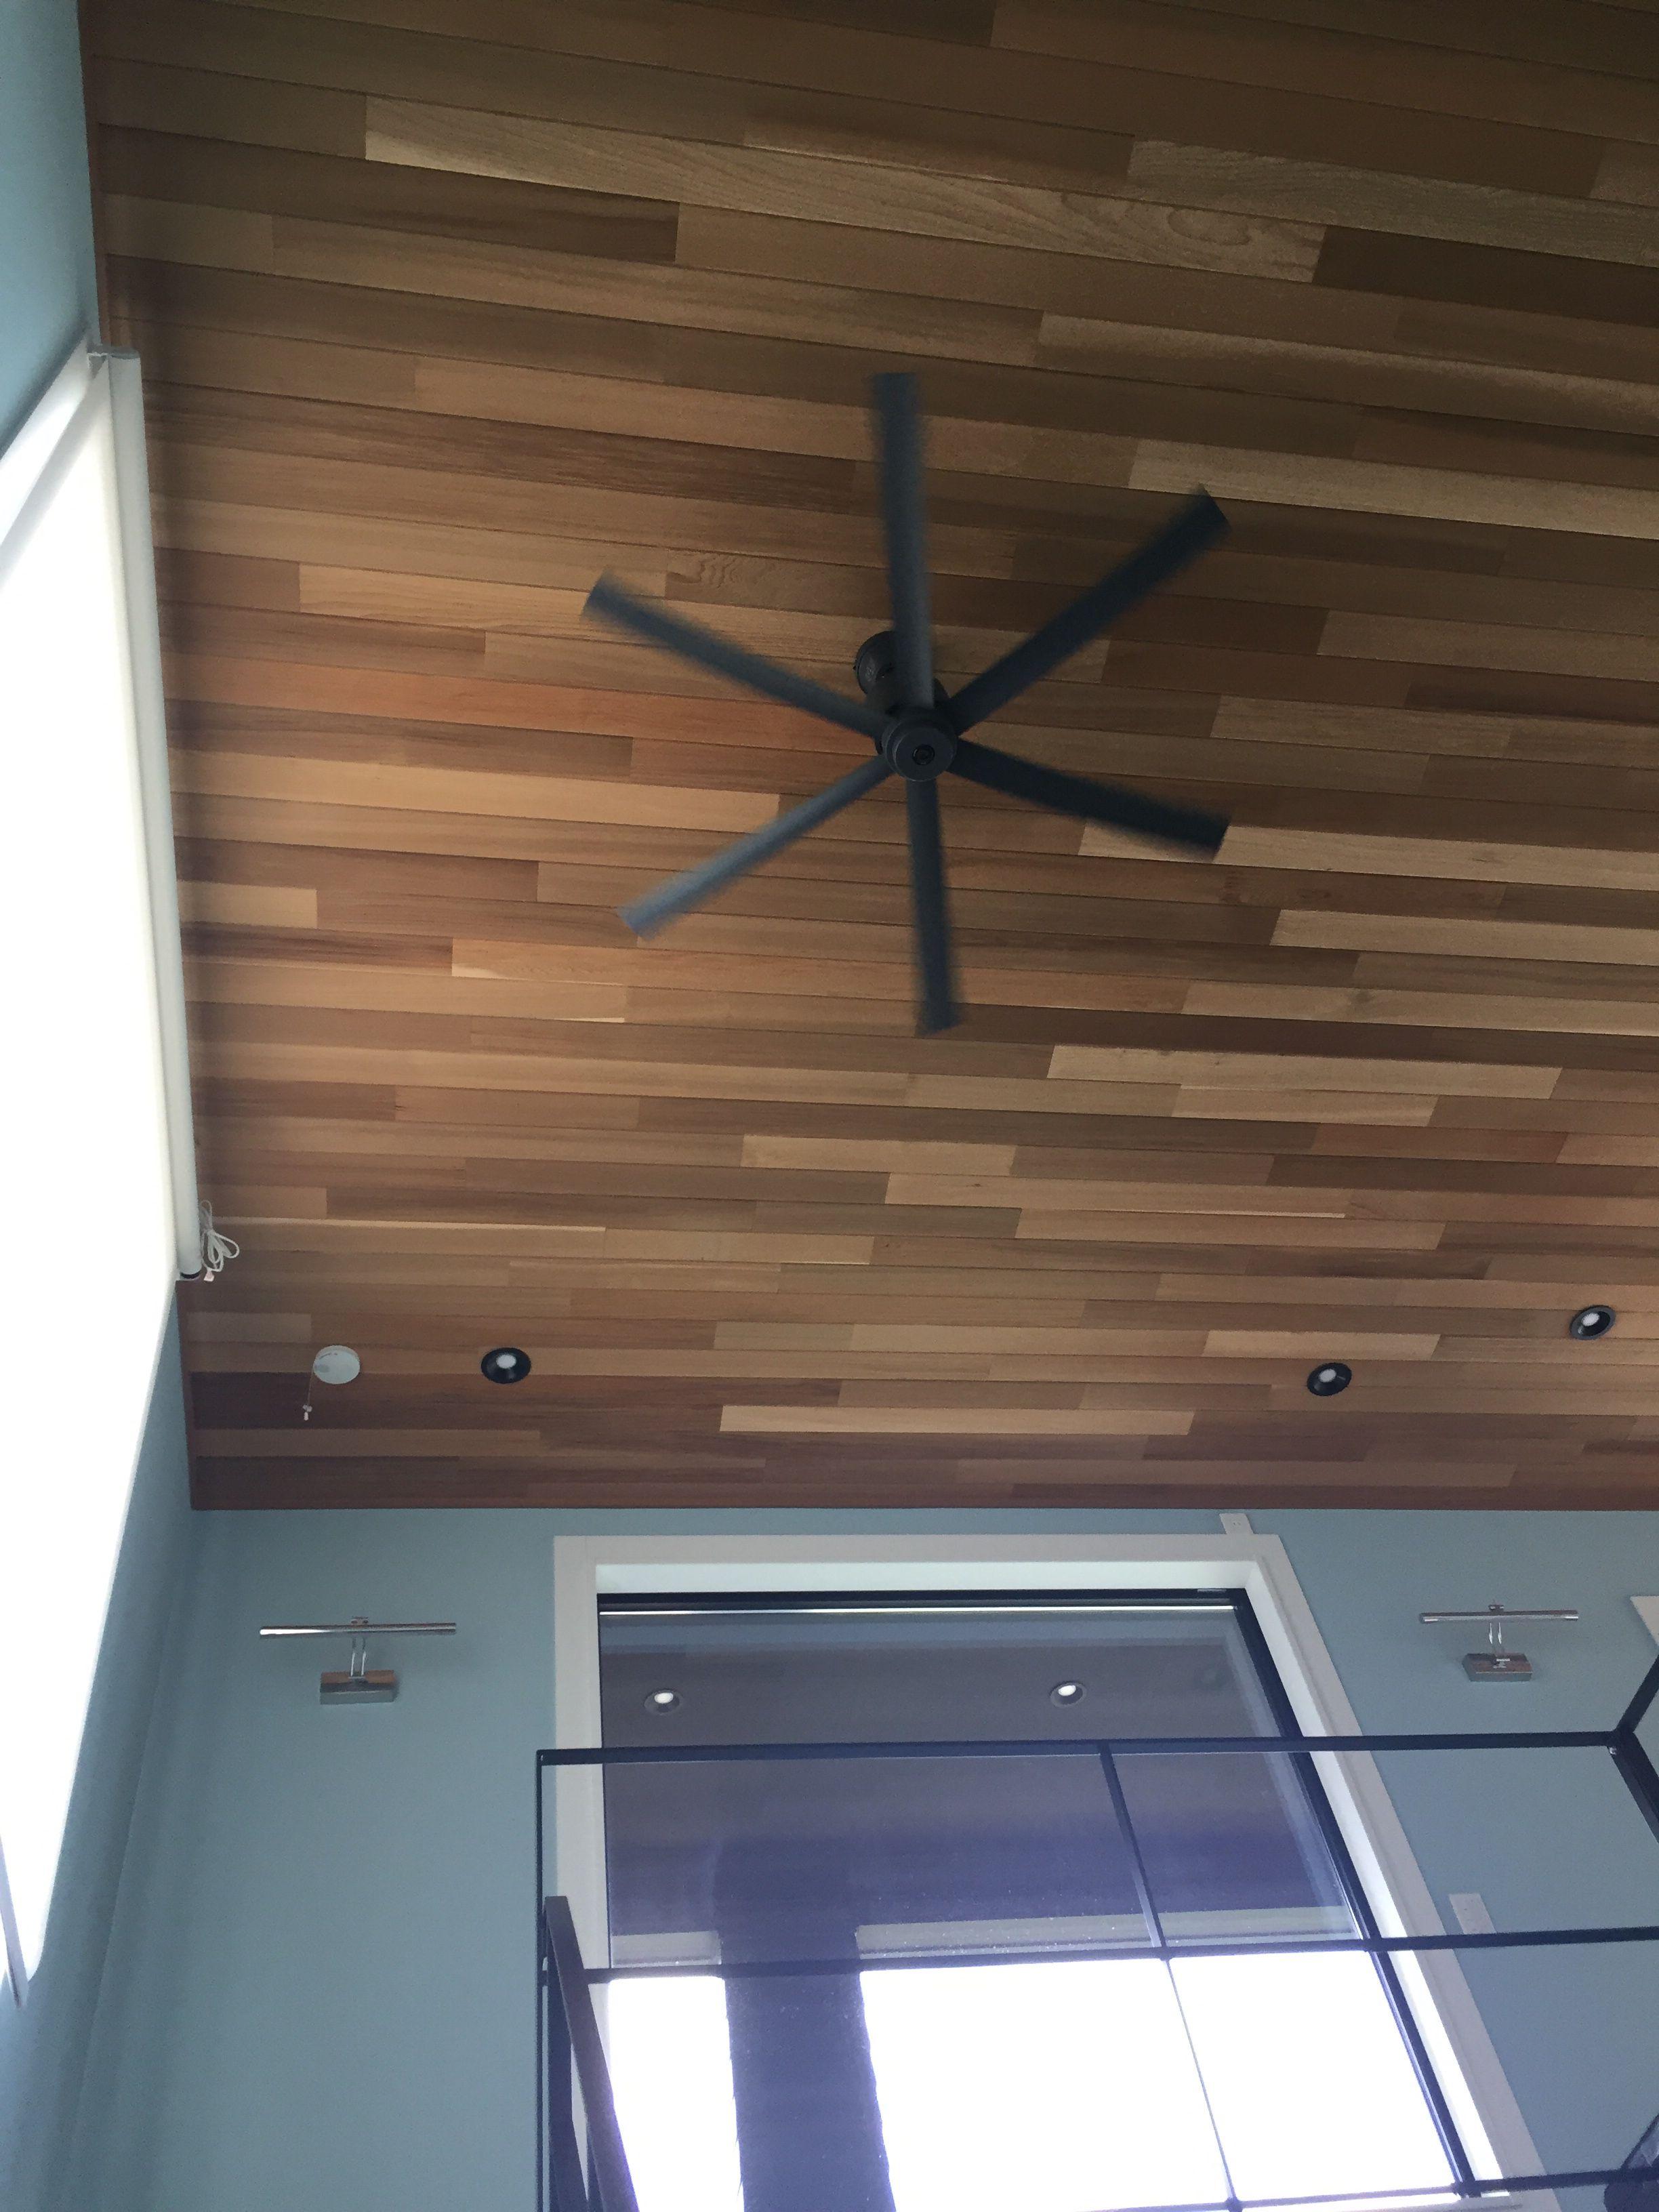 ブルーの壁紙との相性がいい レッドシダー 天井 ゼロキューブ マリブ